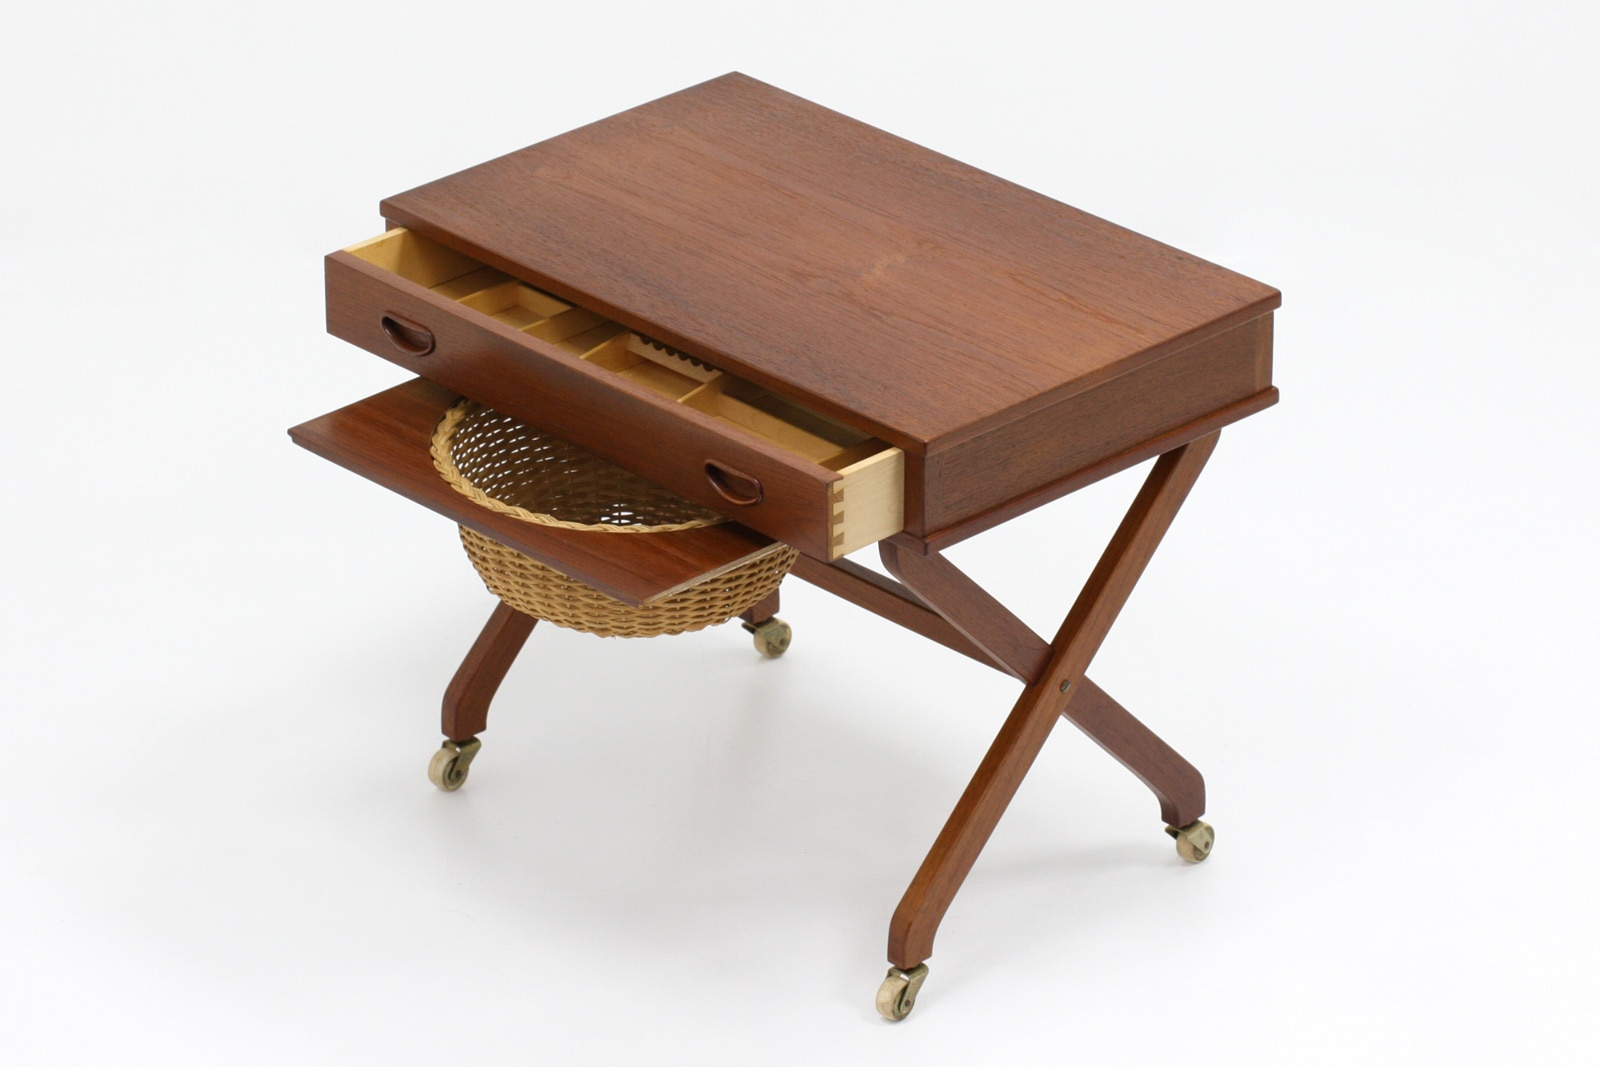 ヴィンテージ,北欧,家具,籠付き,ソーイングテーブル